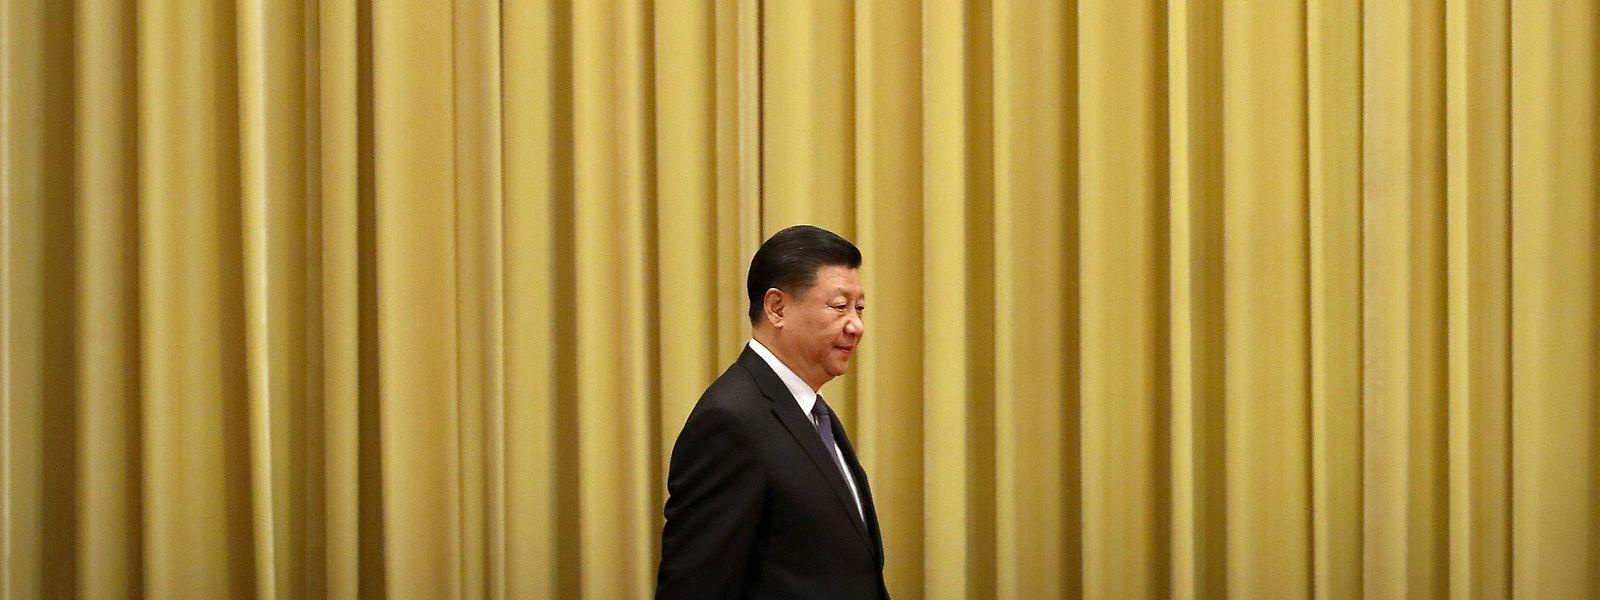 Der chinesische Präsident Xi Jinping duldet keine Kritik.